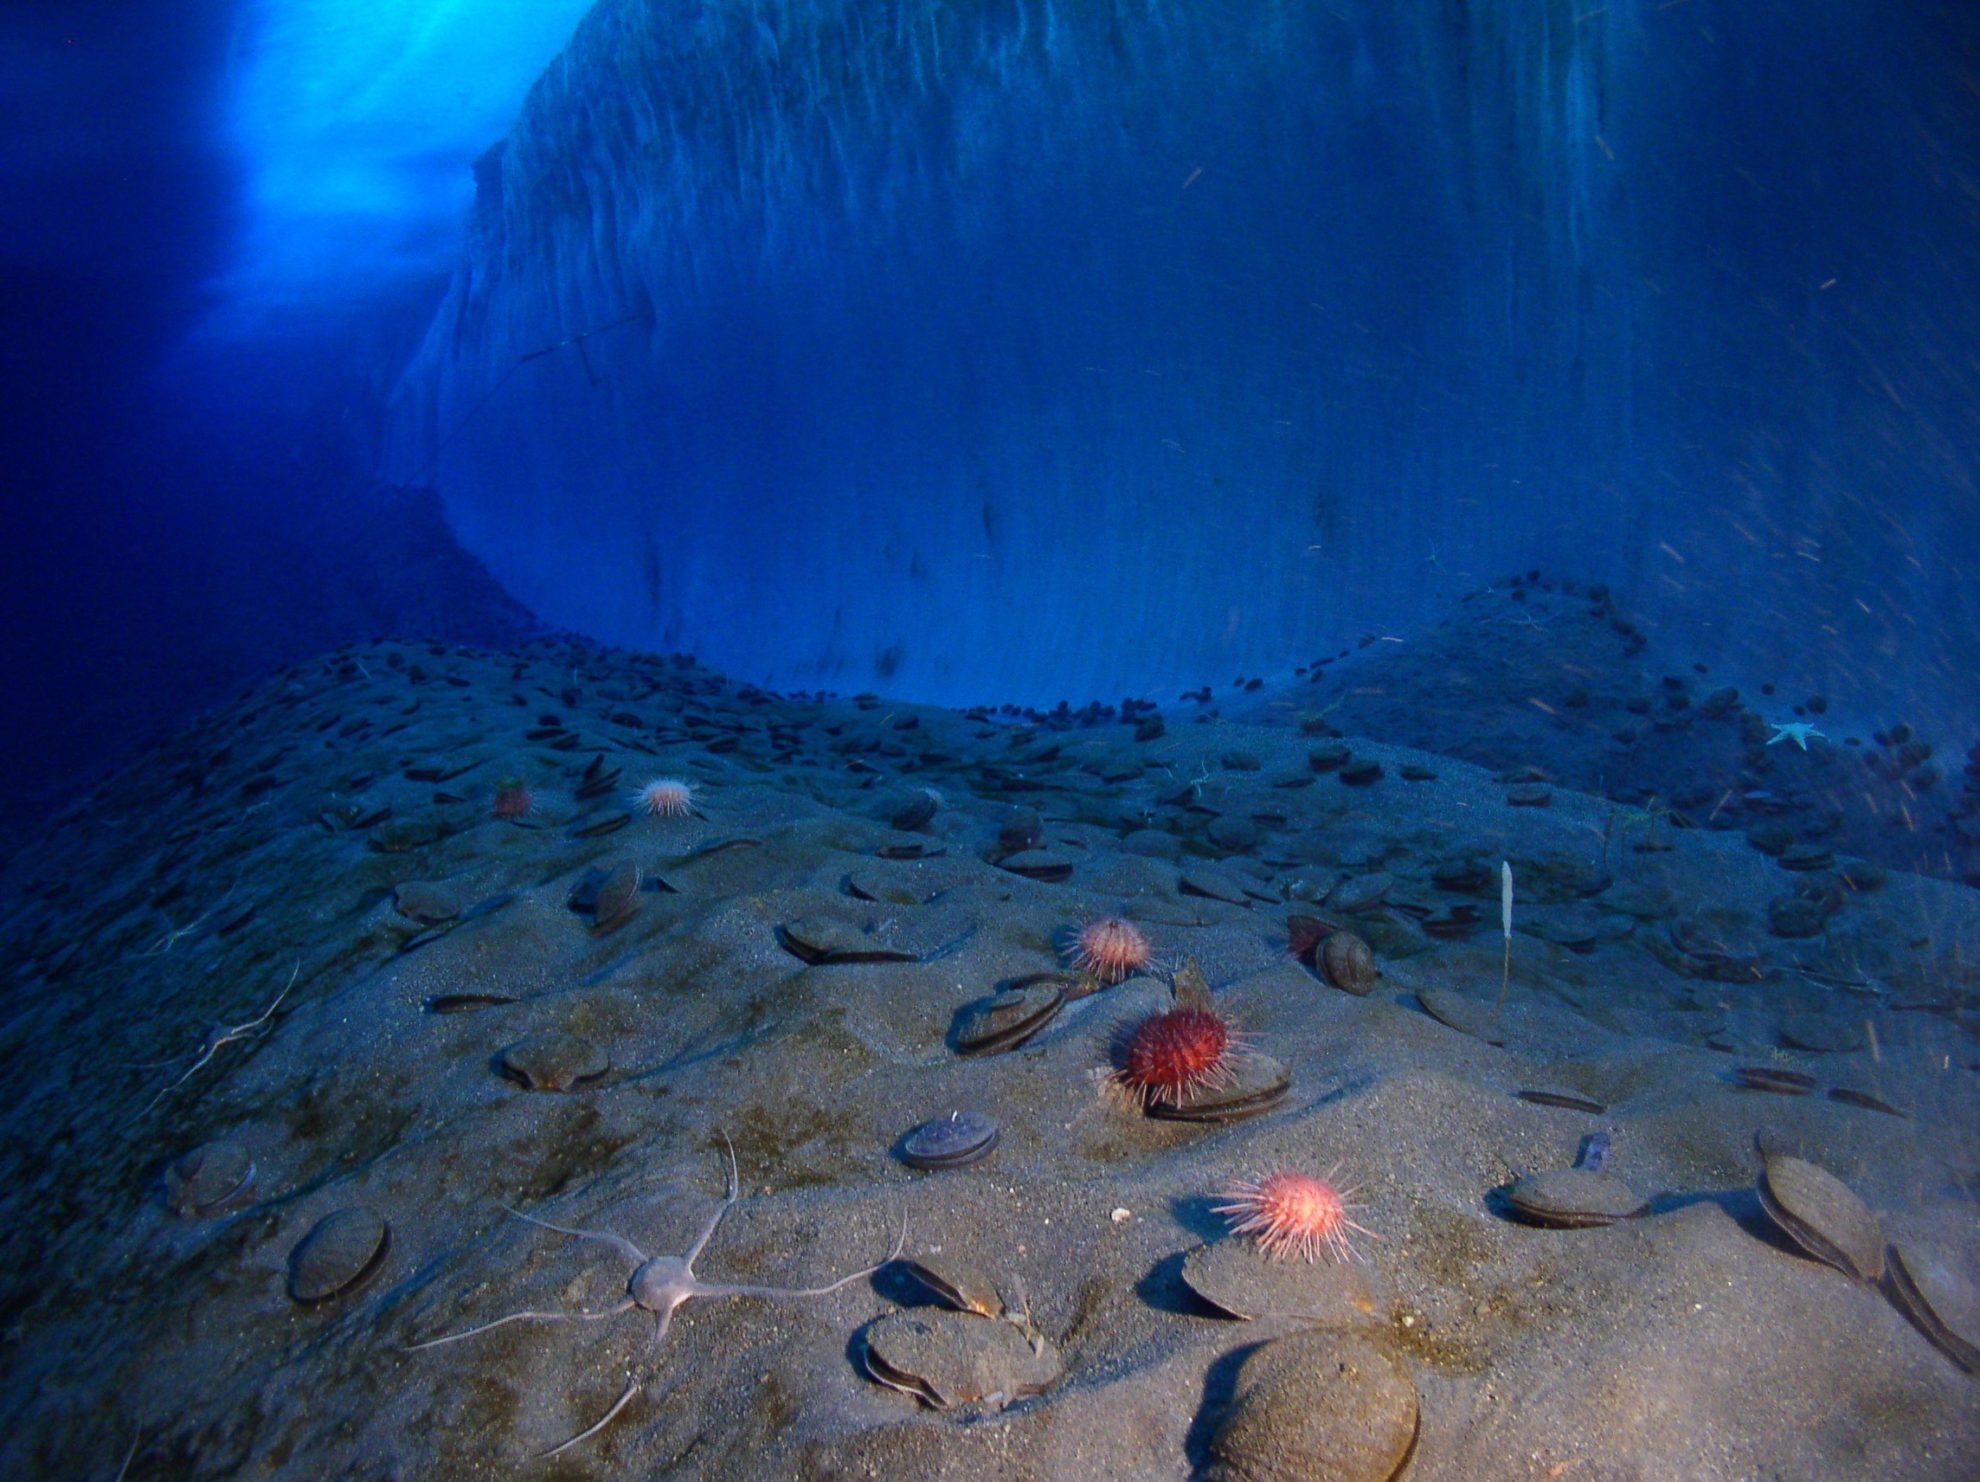 Дно южного океана. Фото:  Steve Clabuesh